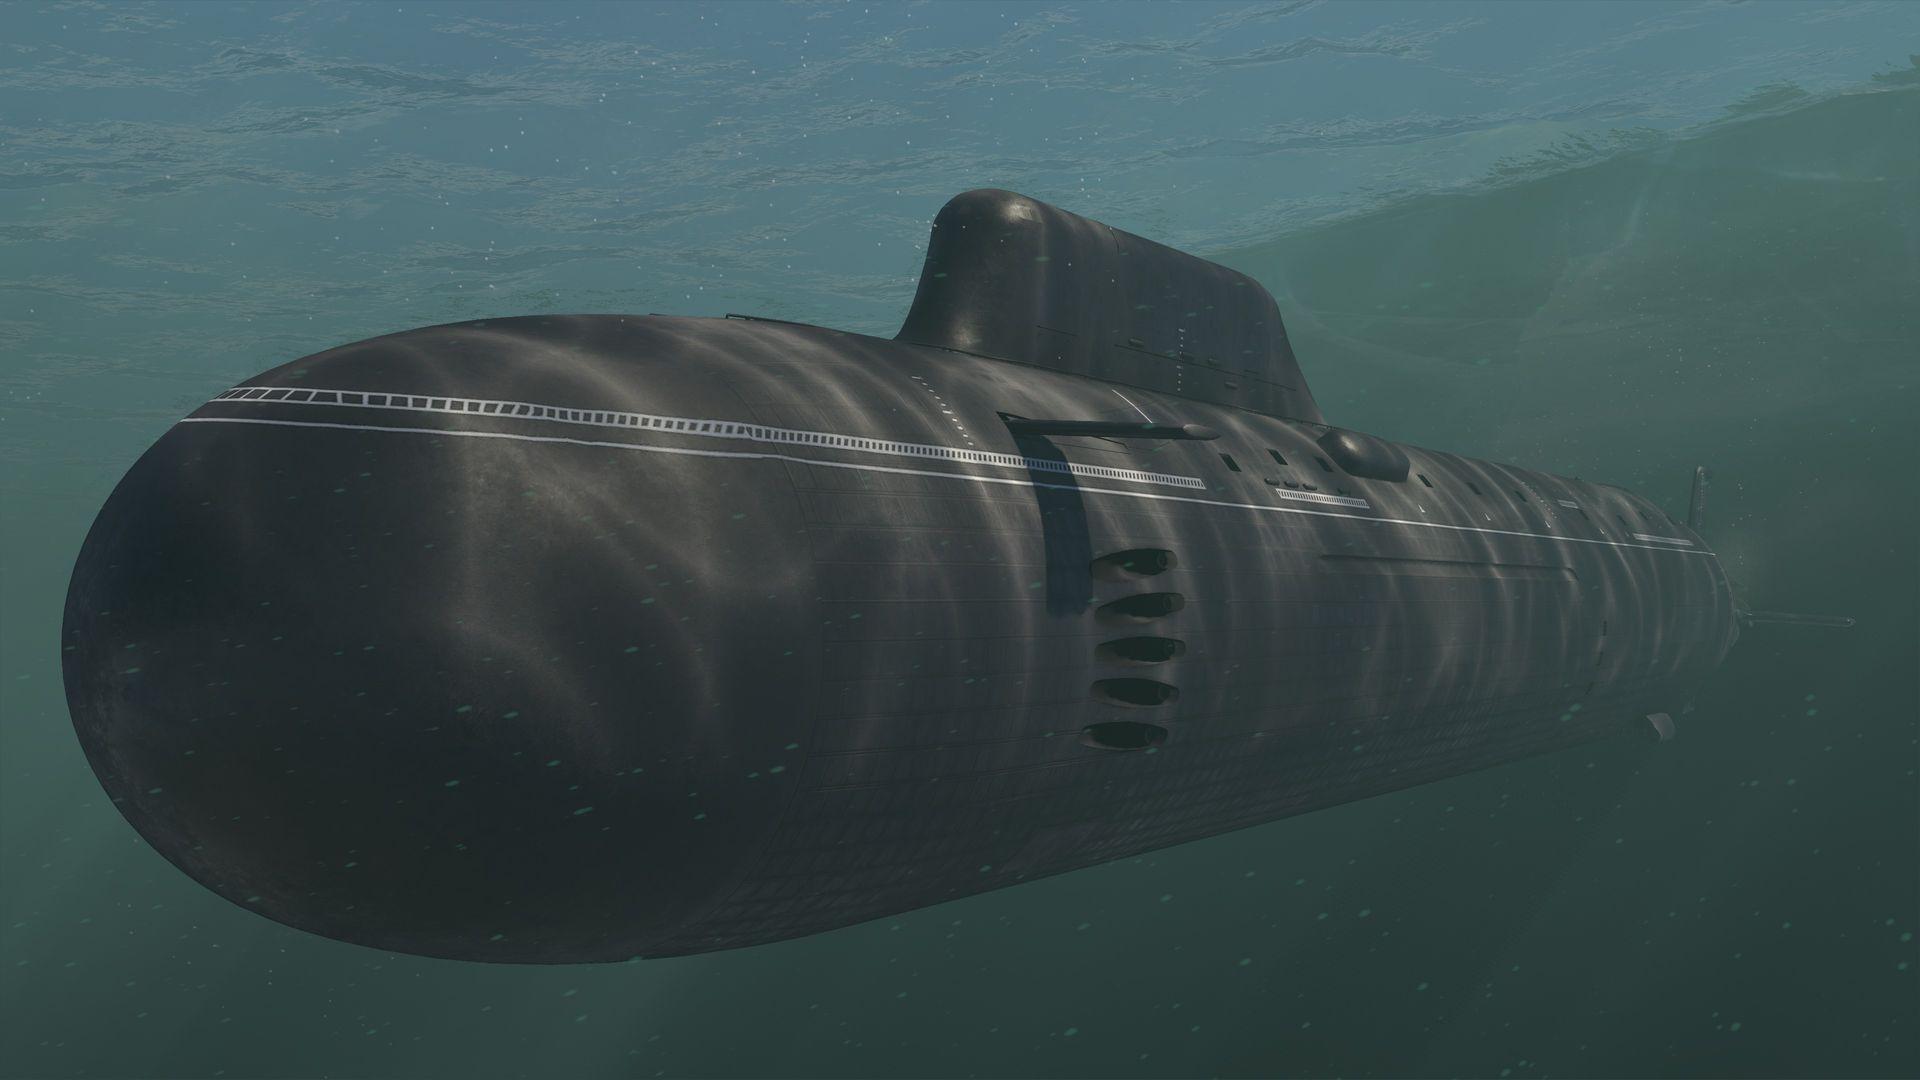 Авторы War Thunder анонсировали Silent Thunder — военную онлайн-игру про атомные подлодки